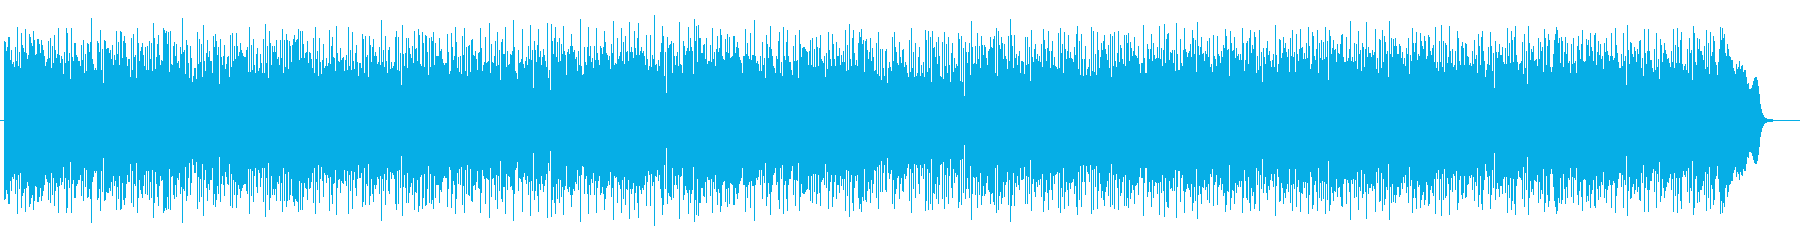 躍動感のあるシンセポップスの再生済みの波形